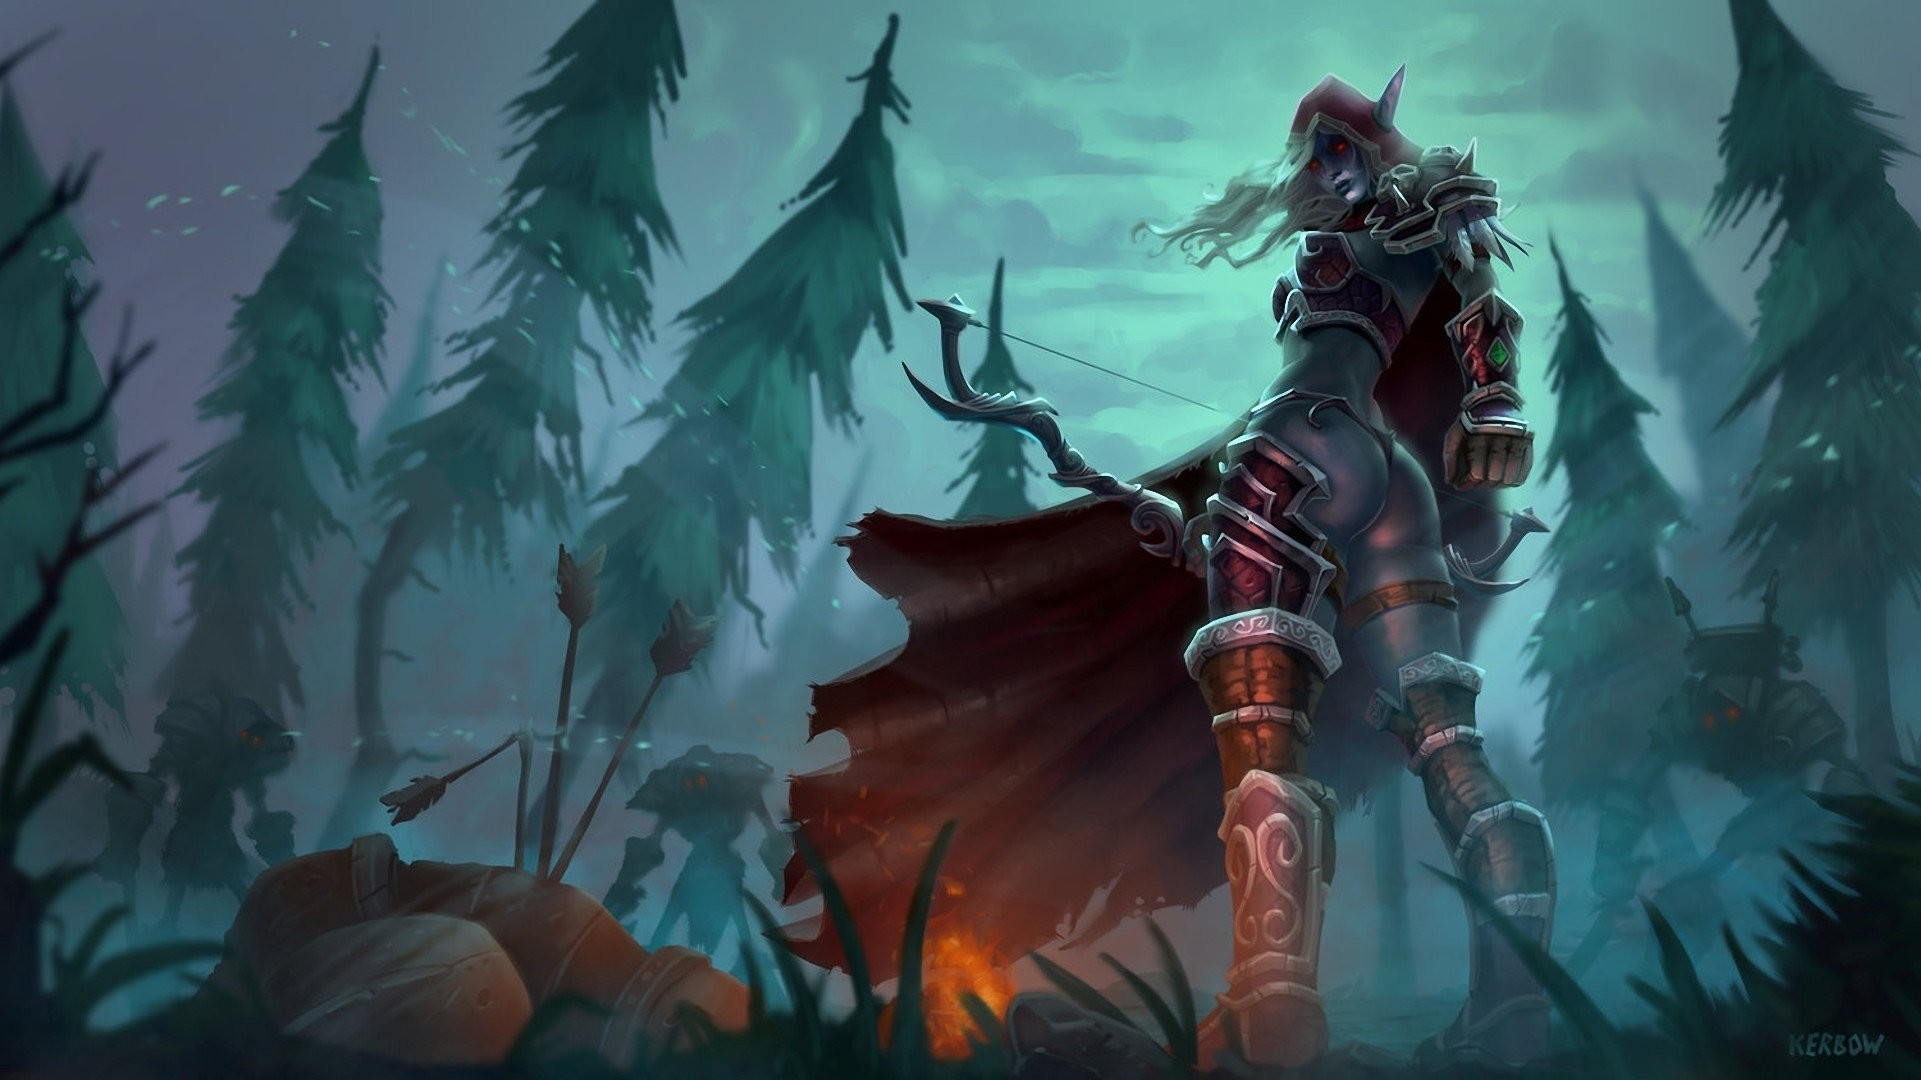 art night girl elf murder torment boom forest fire monsters